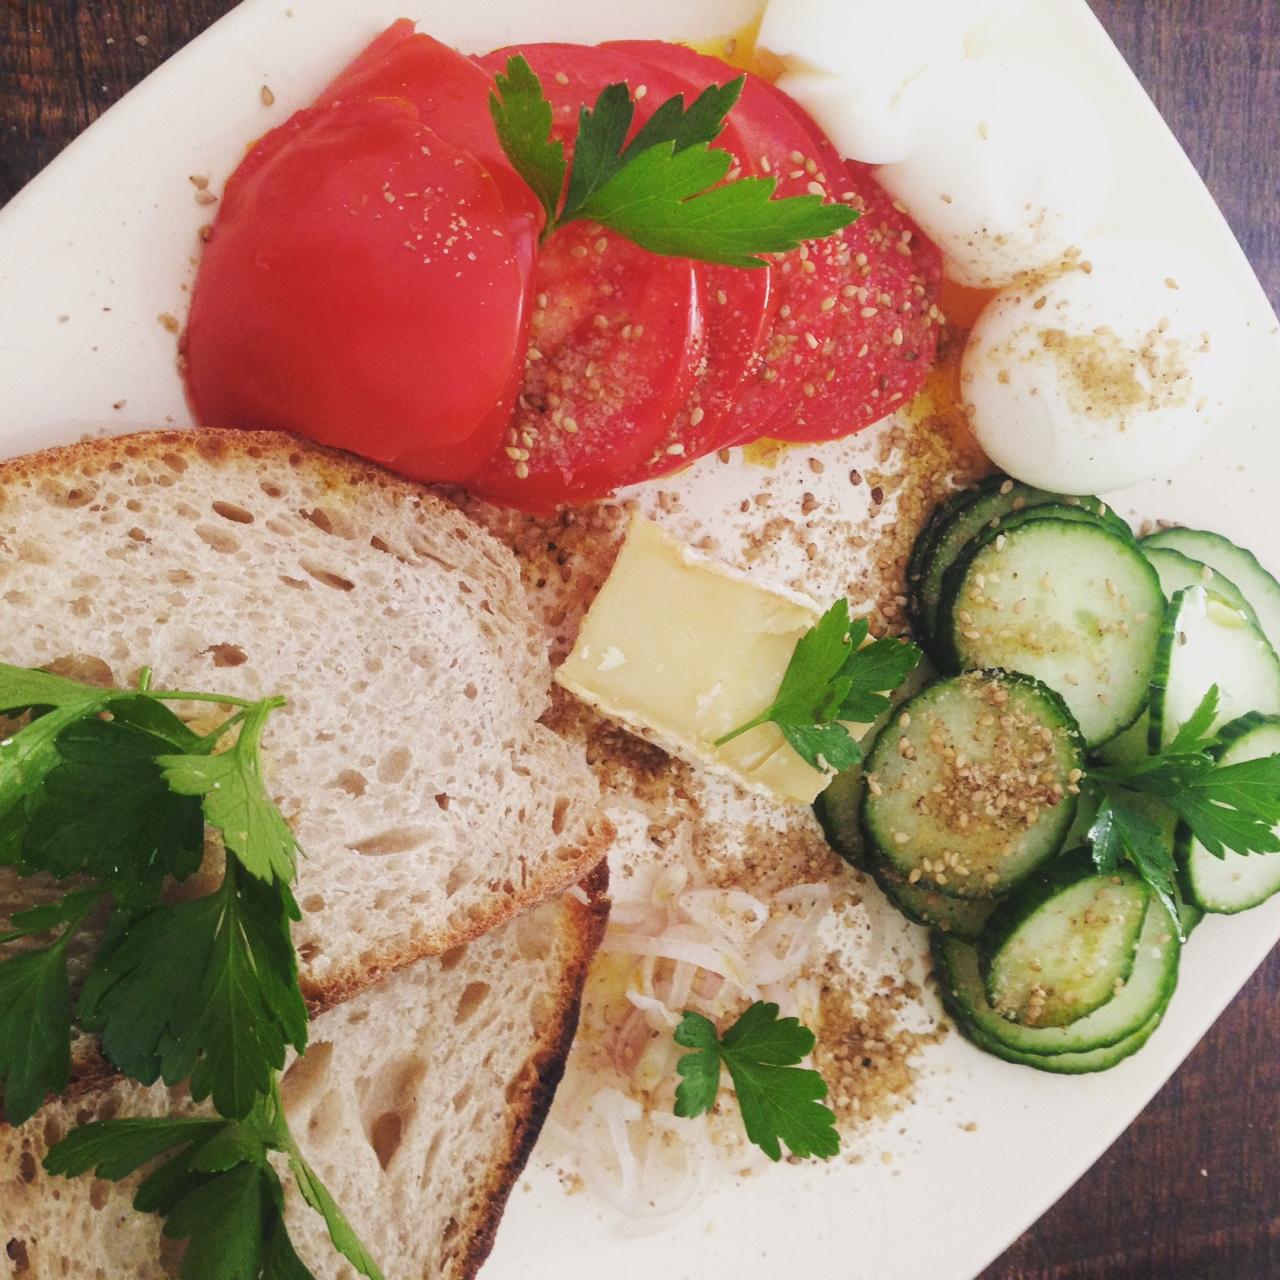 Relativ Quoi manger en cas de faim en dehors des repas ? - marjolaine  EO61